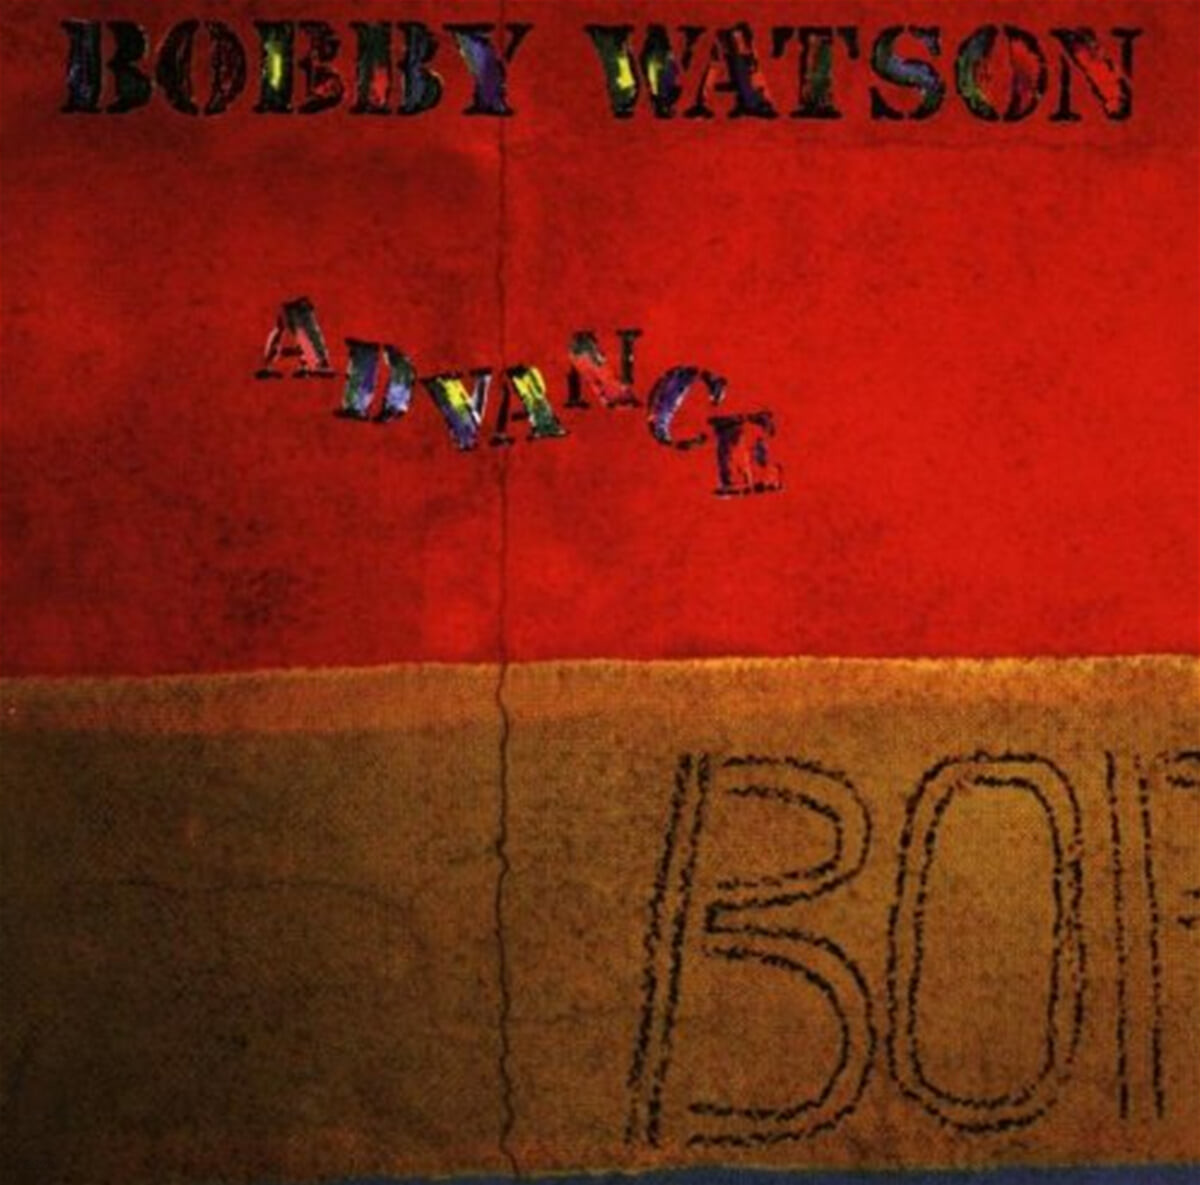 Bobb Watson (바비 왓슨) - Advance